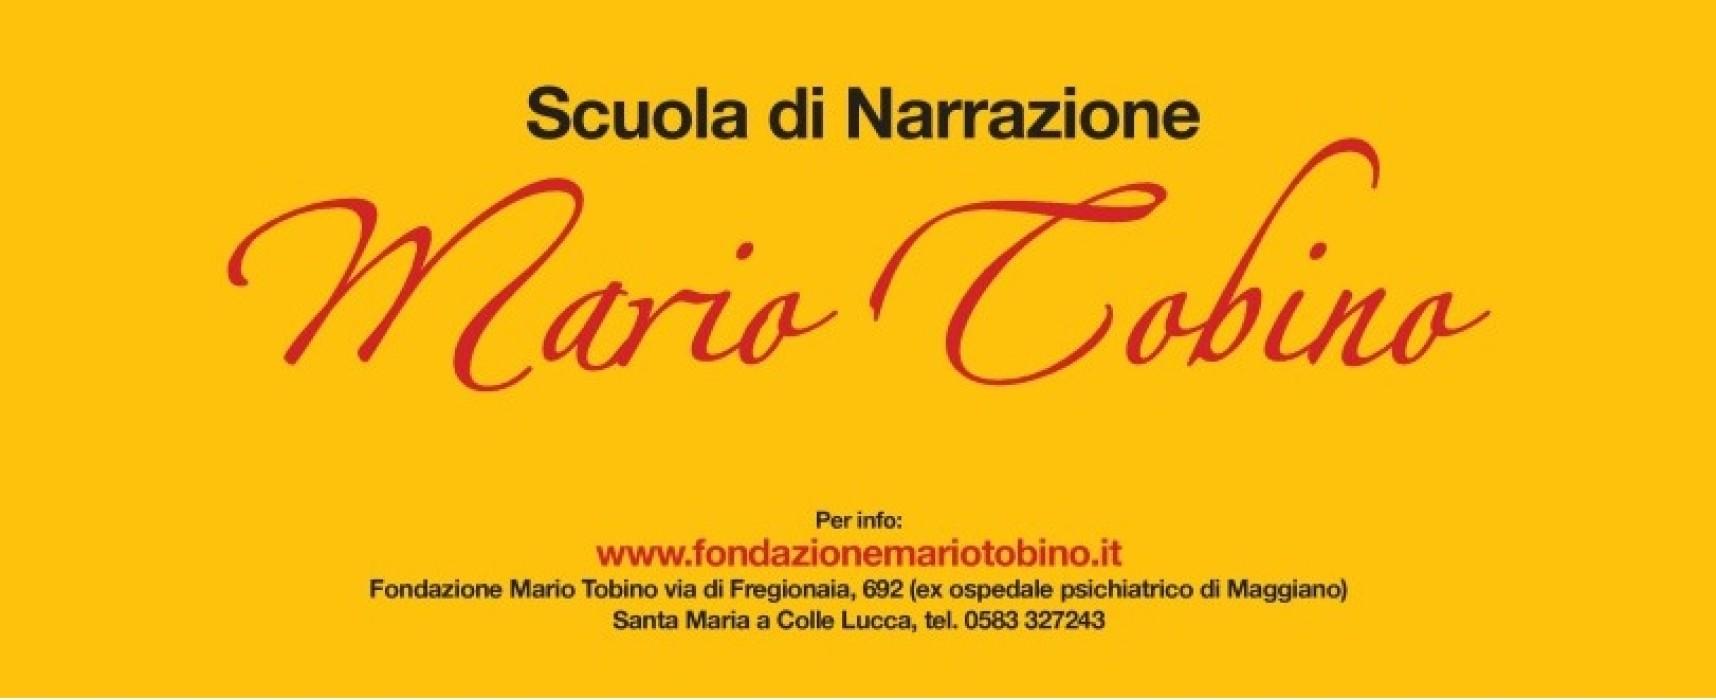 Scuola di Narrazione Mario Tobino: fino al 15 novembre le iscrizioni